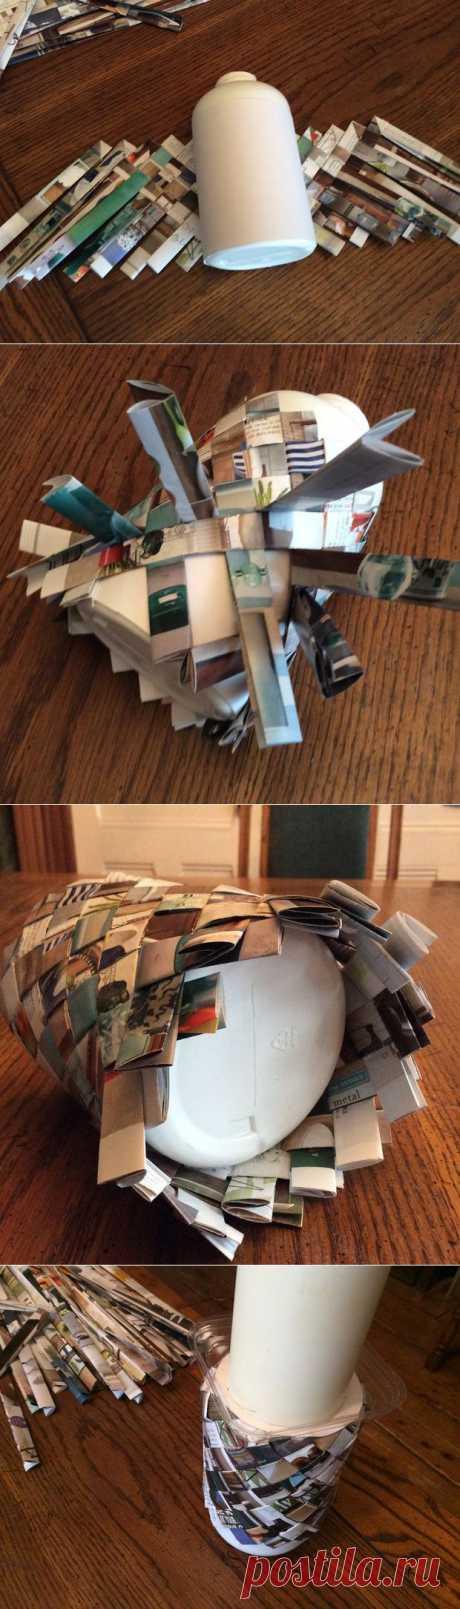 Как сплести круглую корзину из газет — мастер-класс для начинающих | Самоделкино